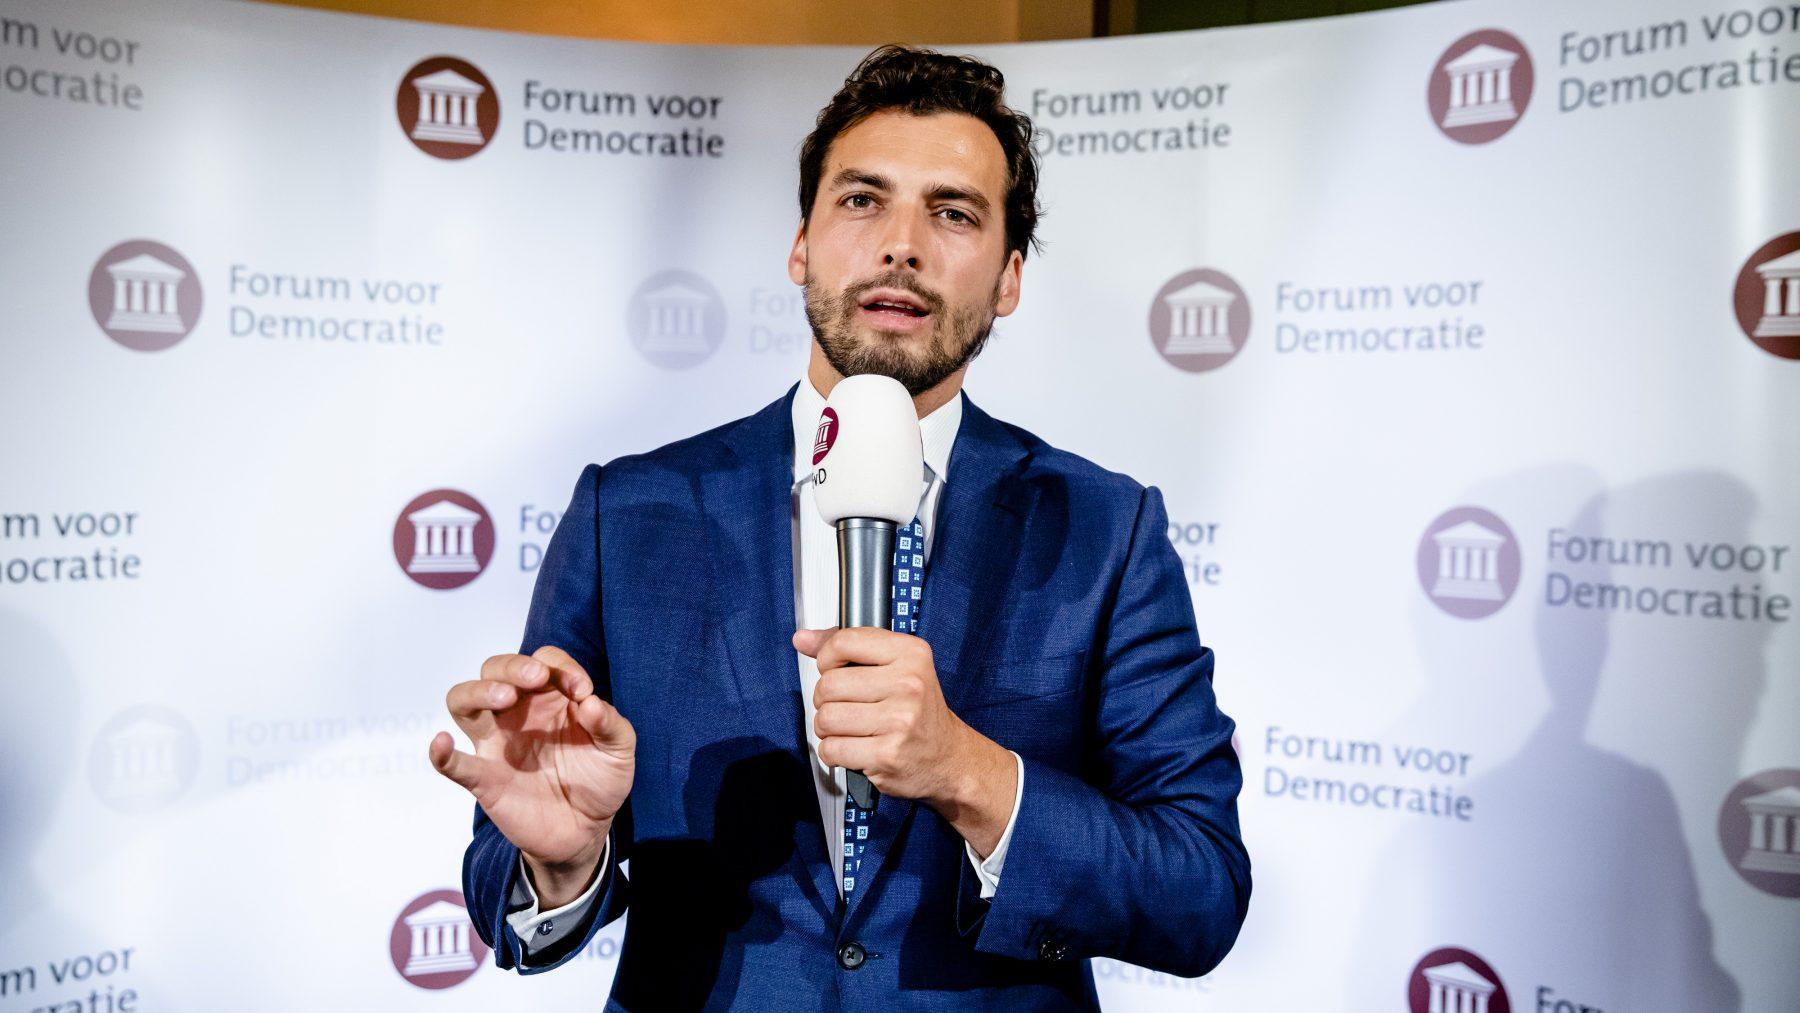 Forum voor Democratie valt buiten lokaal bestuur in elf provincies